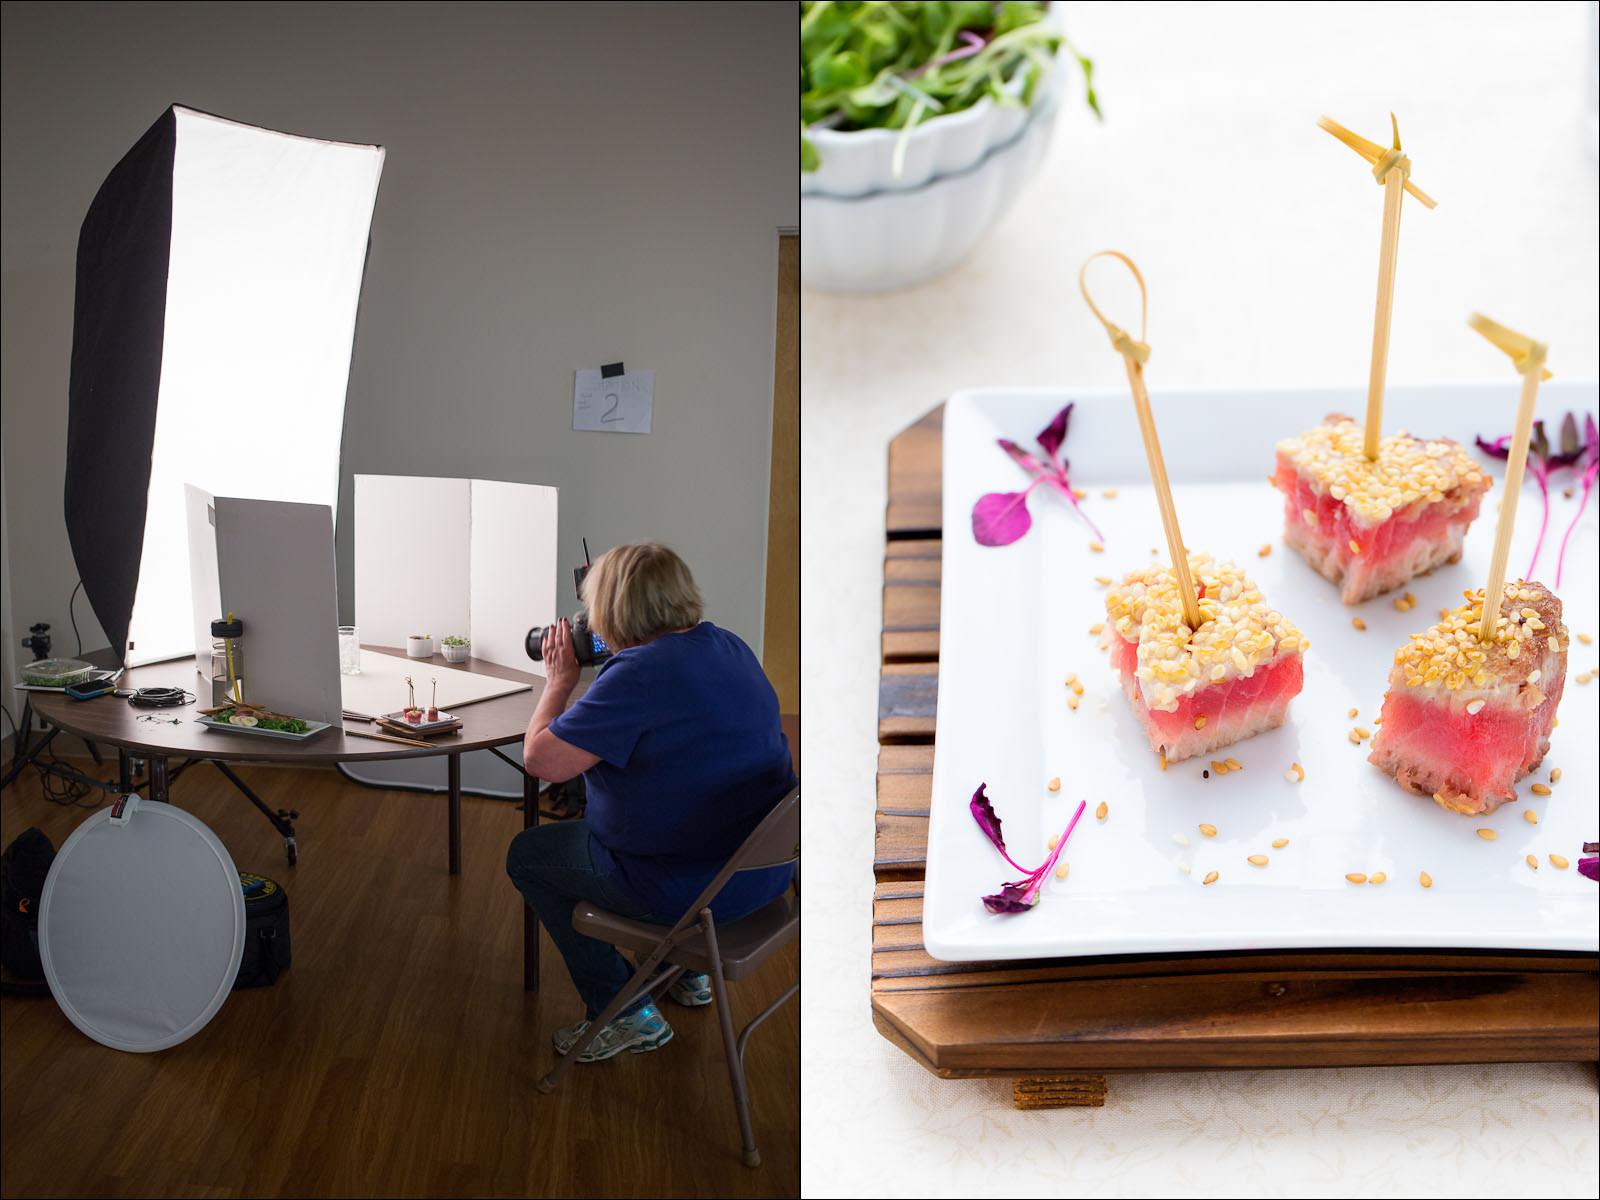 Food photography smugmug meetup nicolesy for Interior photography lighting setup